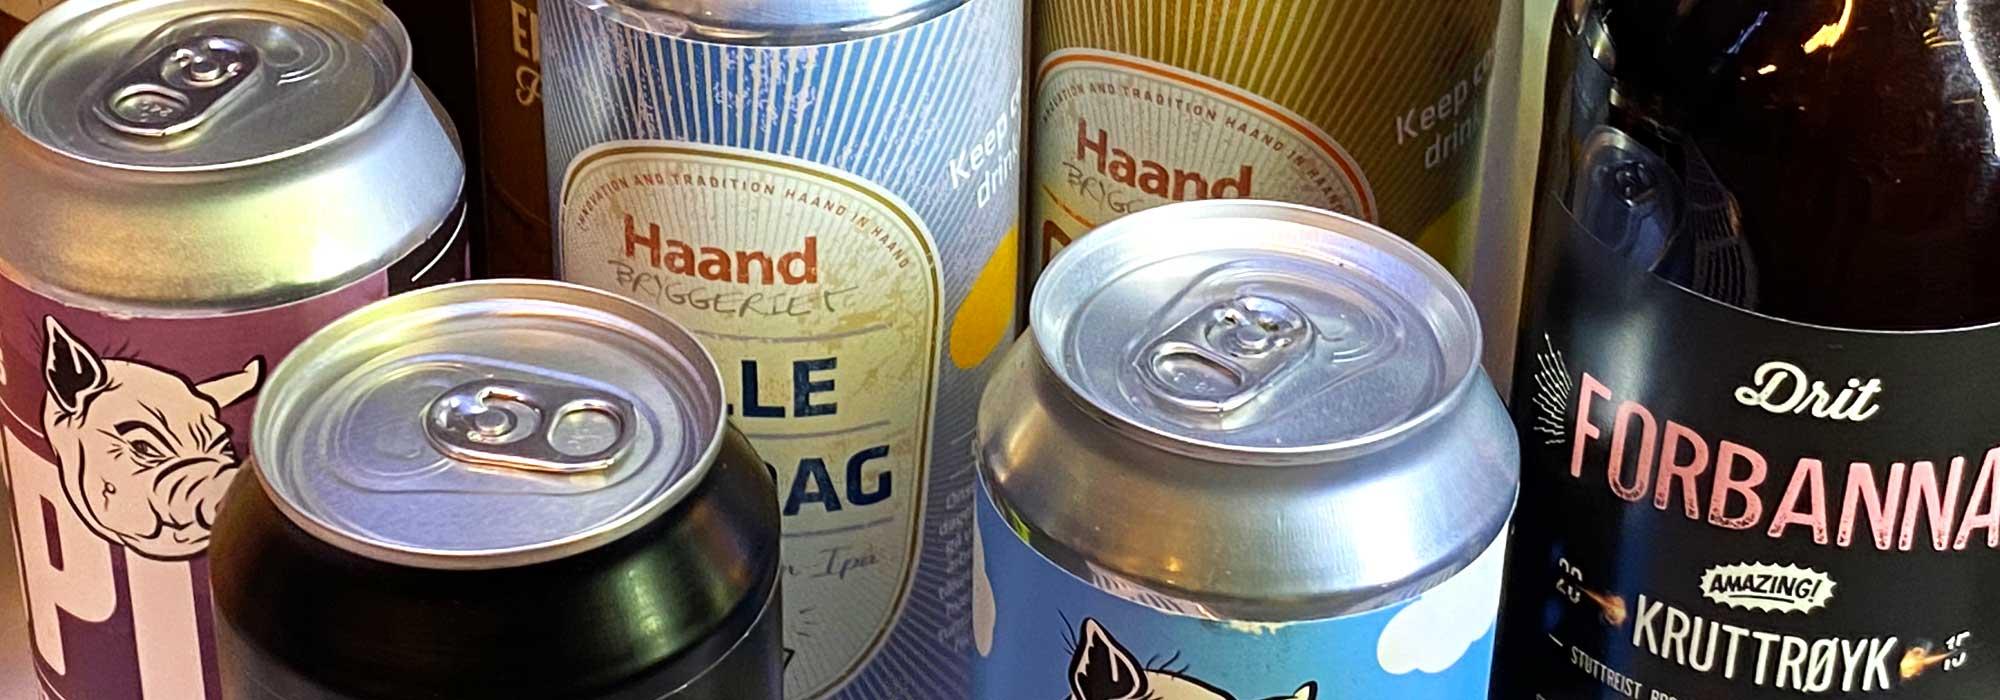 Ølbokser med forskjellige etiketter